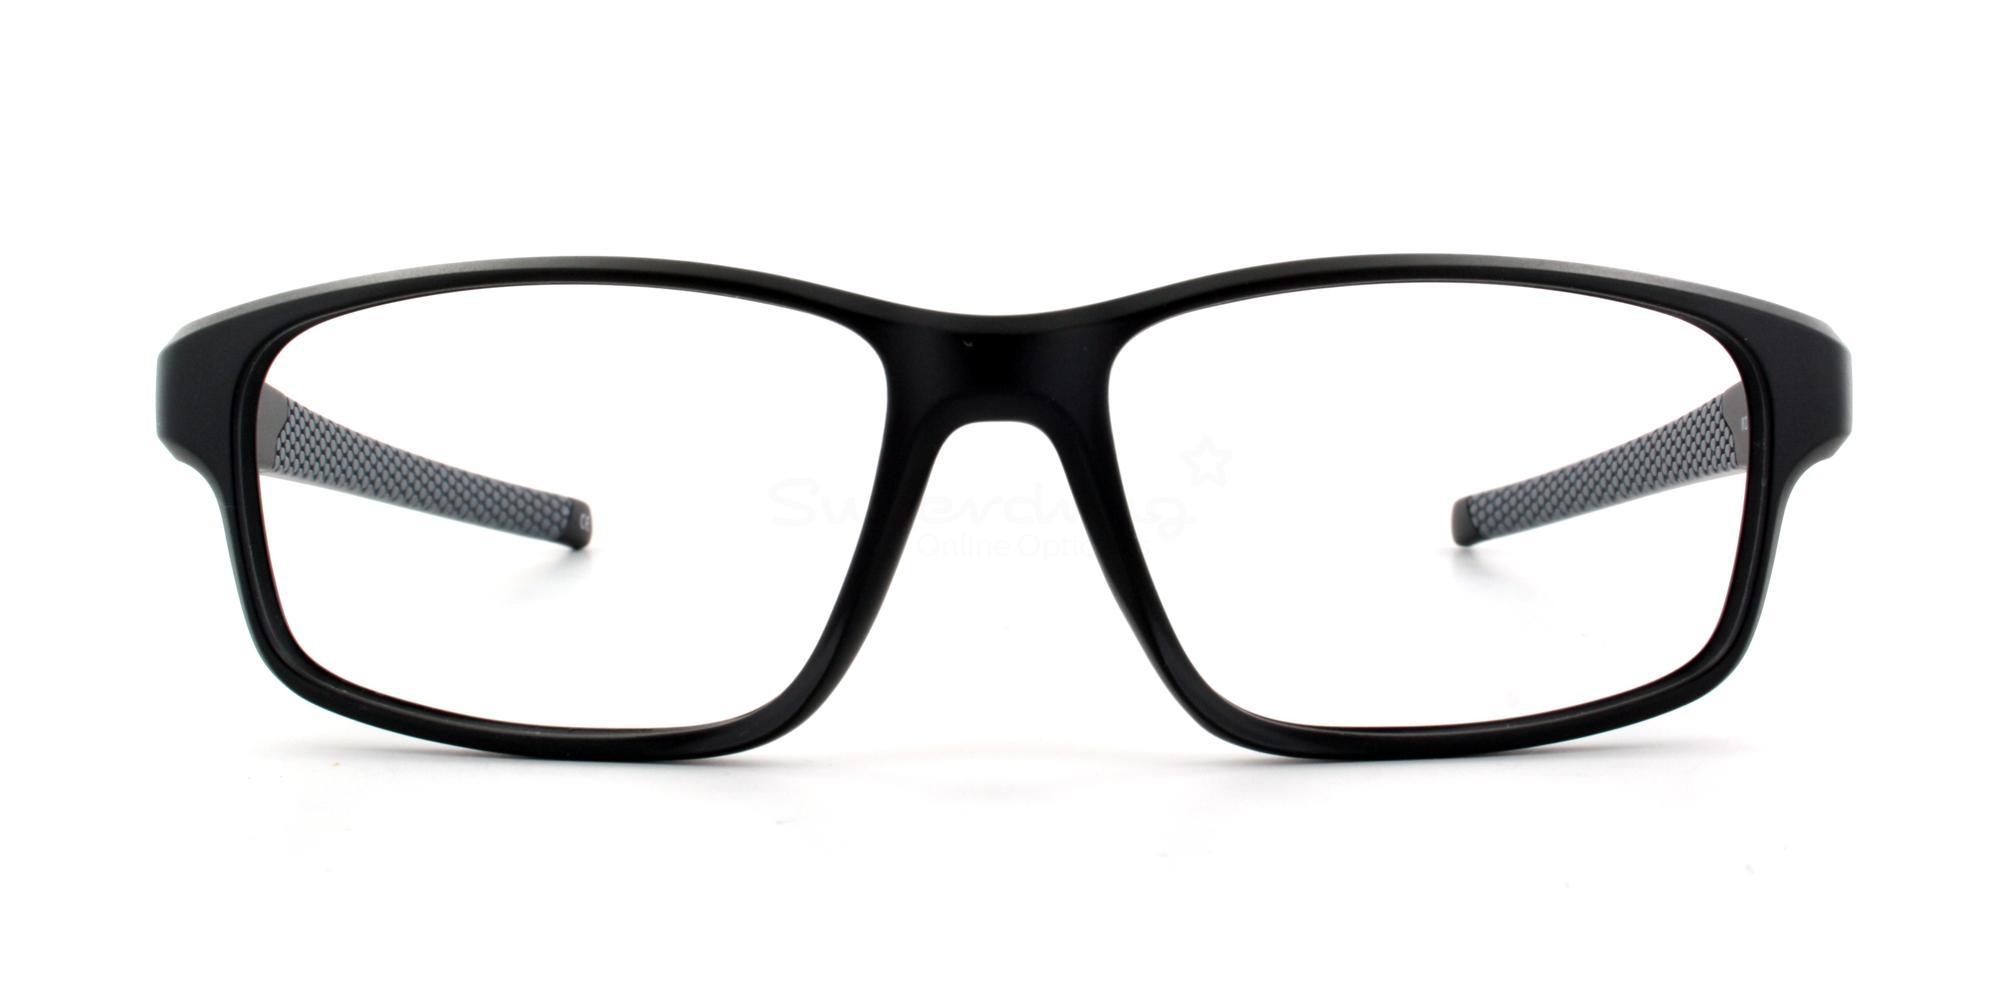 C1 W2371 Glasses, Aero